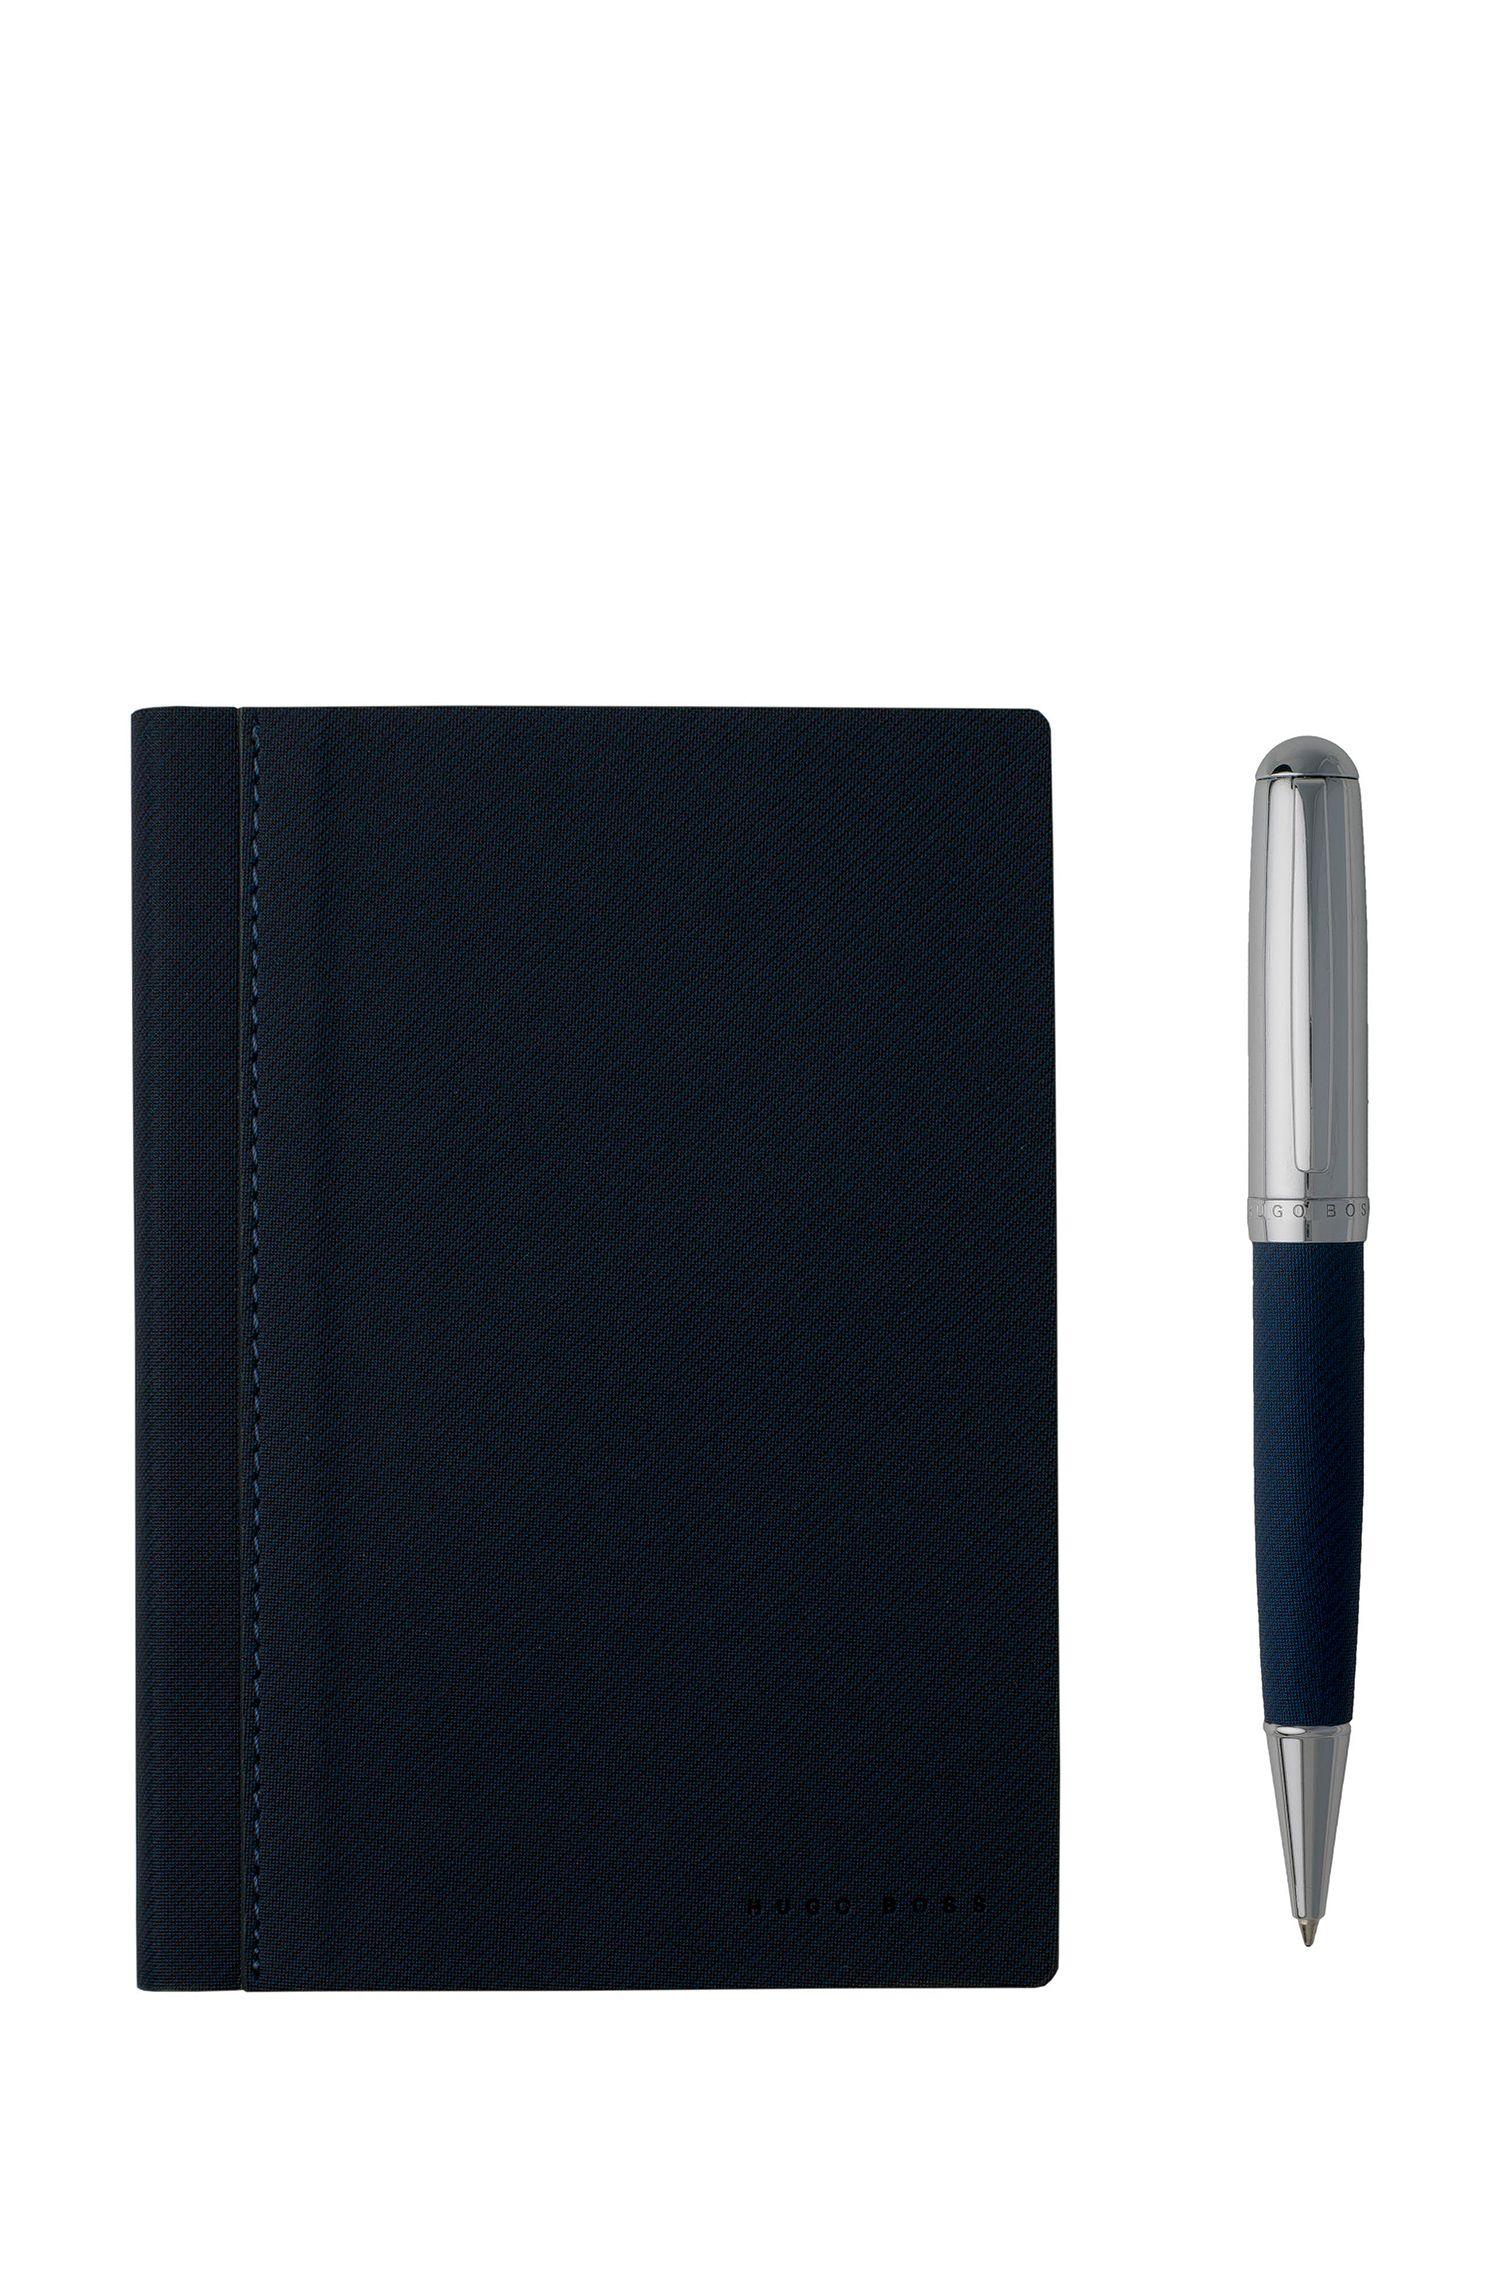 Coffret cadeau composé d'un carnetA6 et d'un stylo à bille en tissu bleu